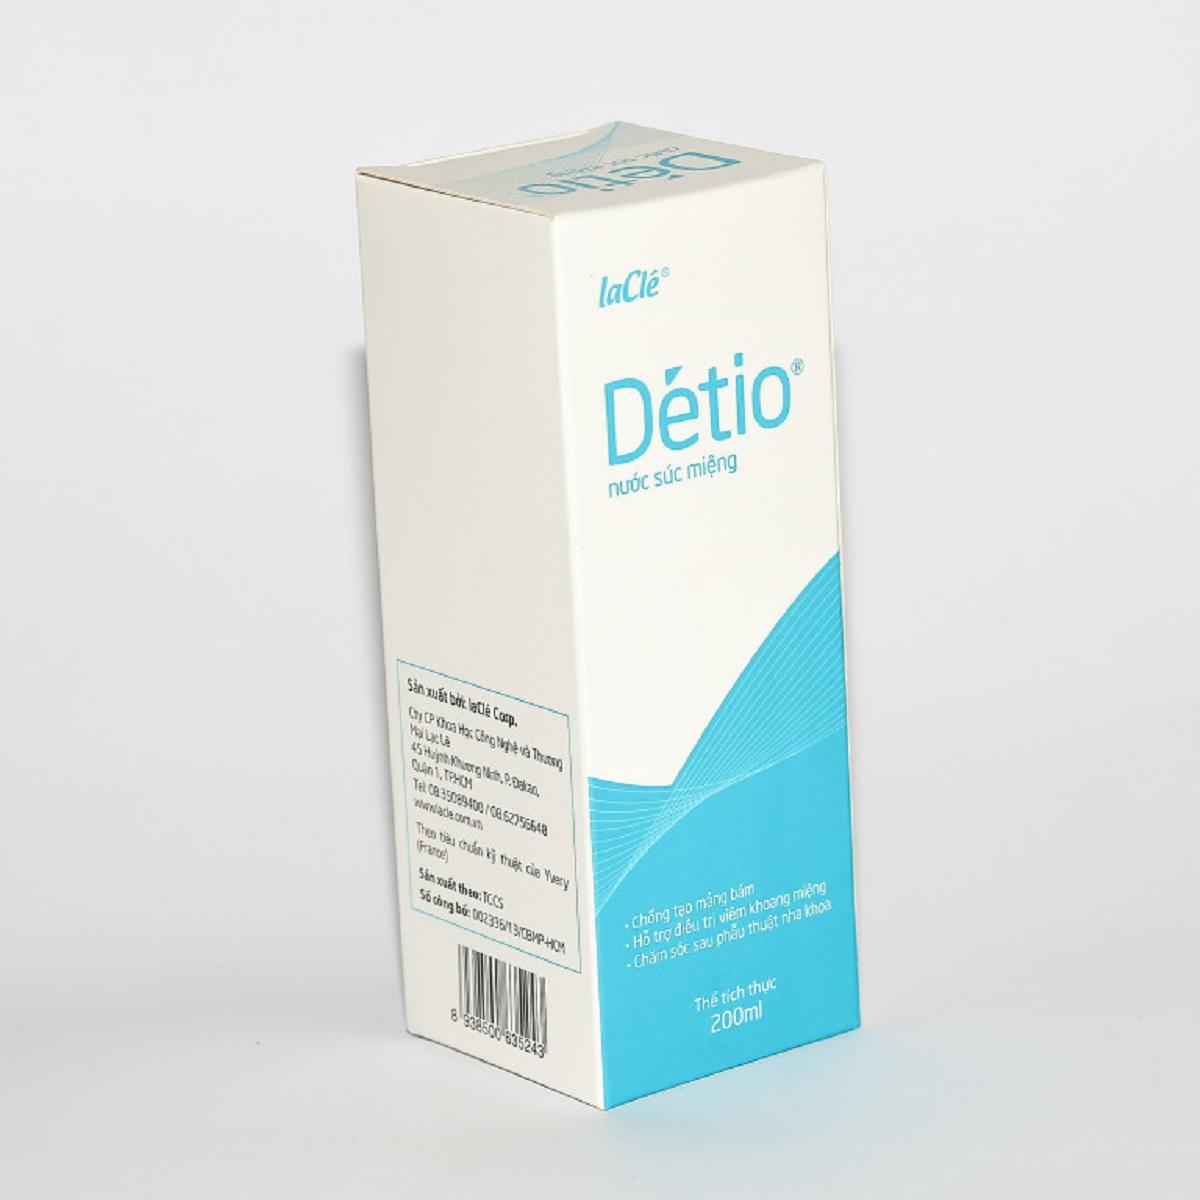 Détio – Nước Súc Miệng công nghệ Pháp, có chất sát khuẩn cực mạnh giúp vệ sinh răng miệng, hỗ trợ điều trị viêm trong khoang miệng dành cho Người Hôi Miệng, Chảy Máu Chân Răng(Chai 200ml)